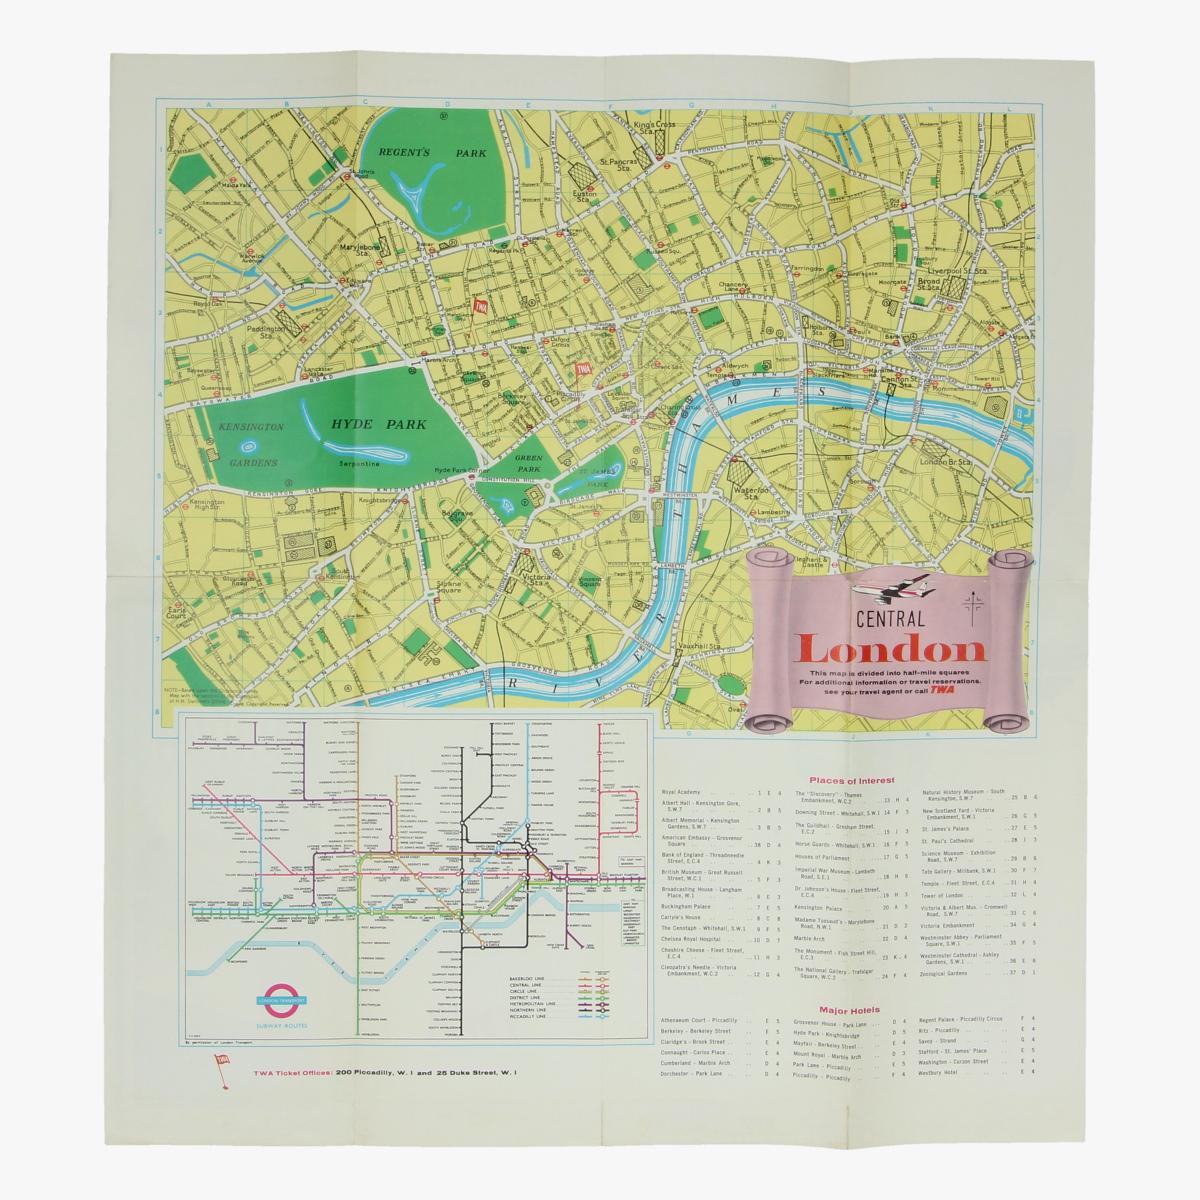 Afbeeldingen van folder when you fly twa - london - grondplan londen centrum